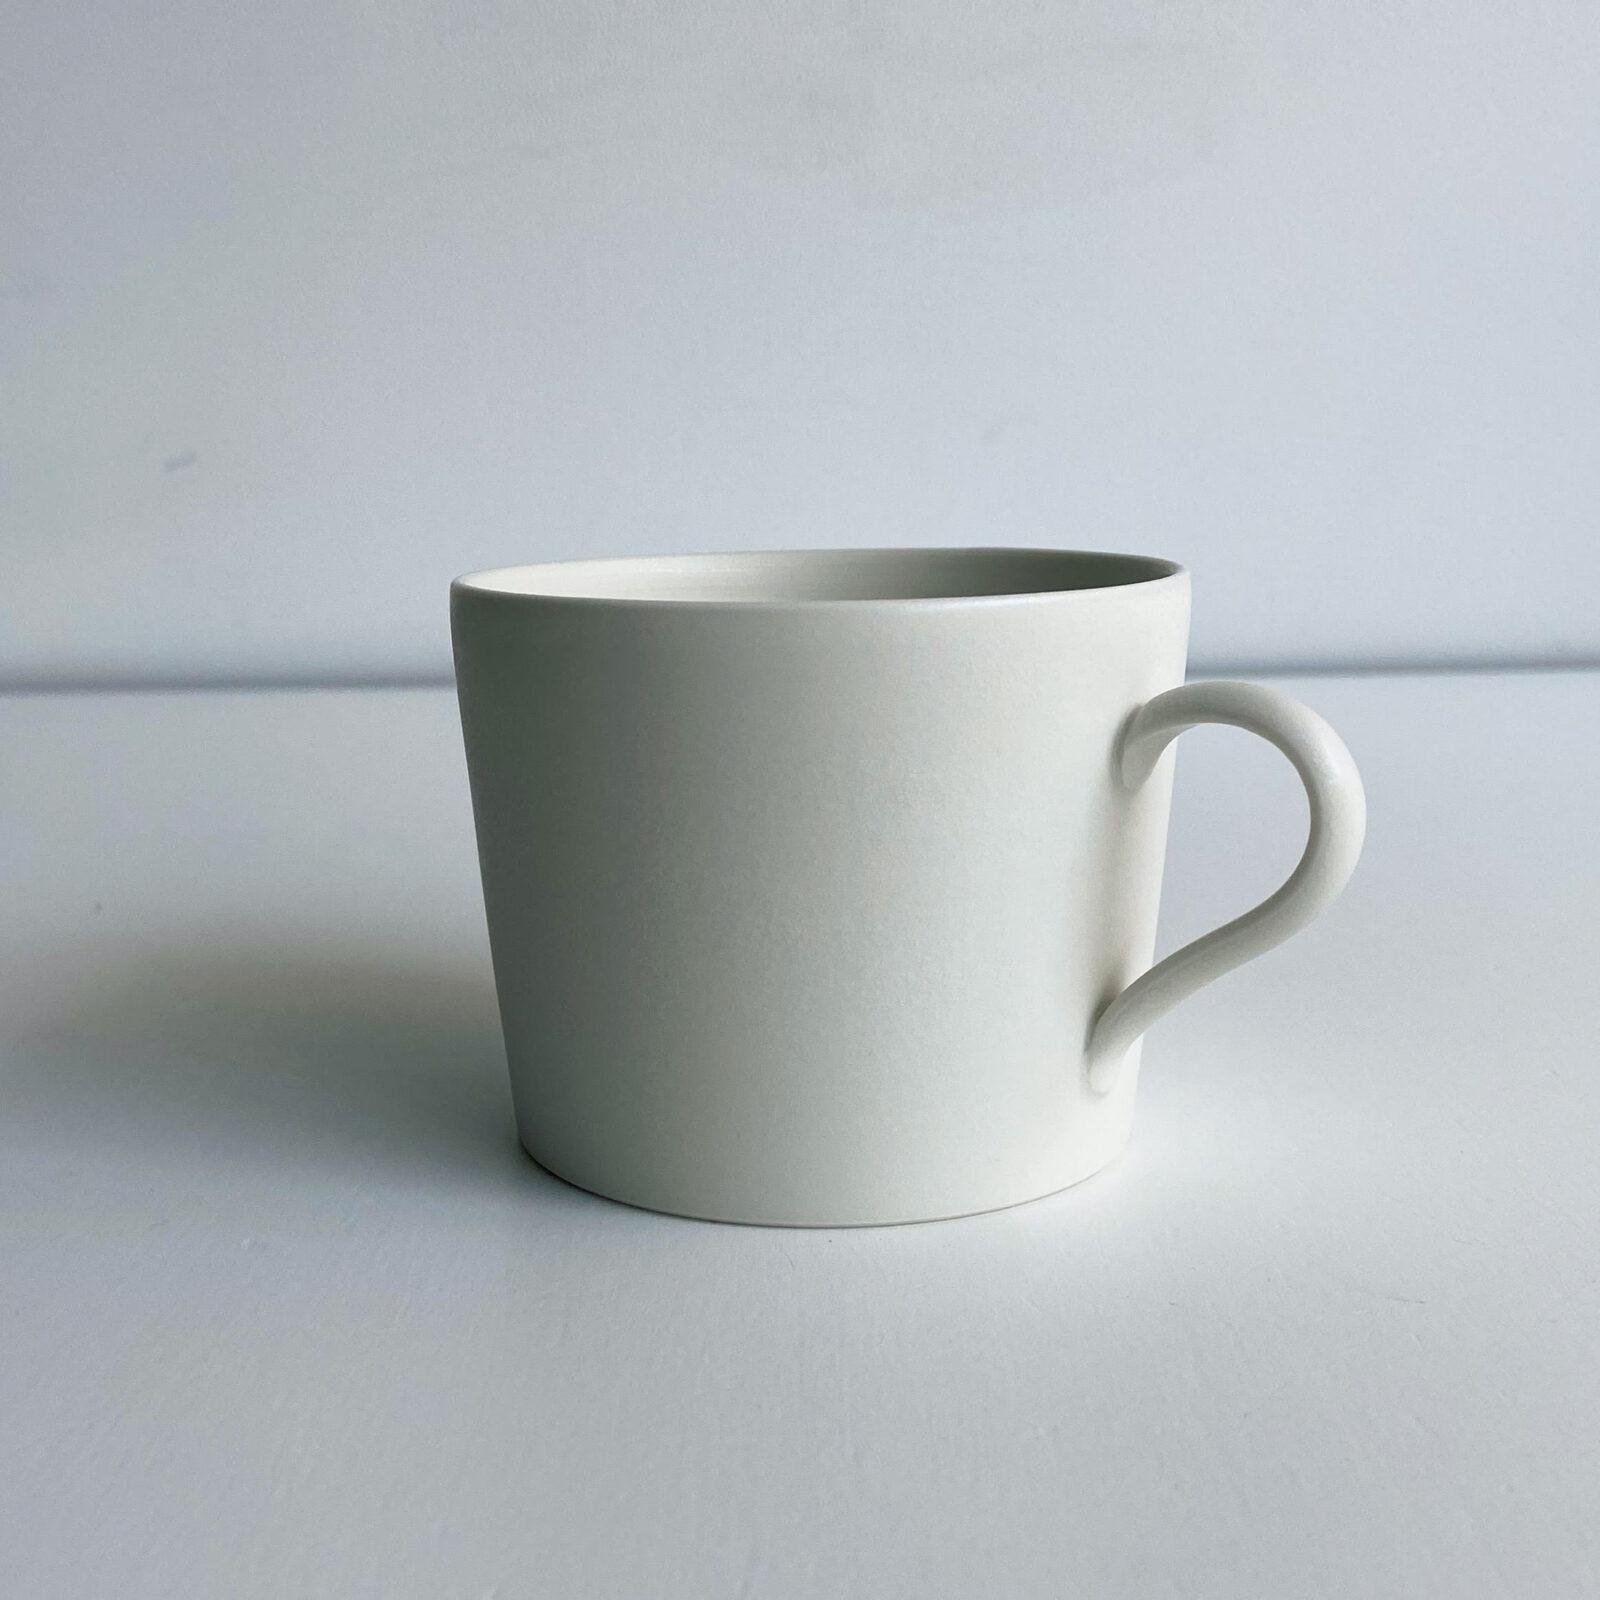 渡辺有子(料理家)滋賀県甲賀市の陶芸家、大谷哲也さんの作。最近ようやく手に入れることができました。シンプルだからこそ佇まいの美しさが際立つ、私にとって理想のコーヒーカップです。